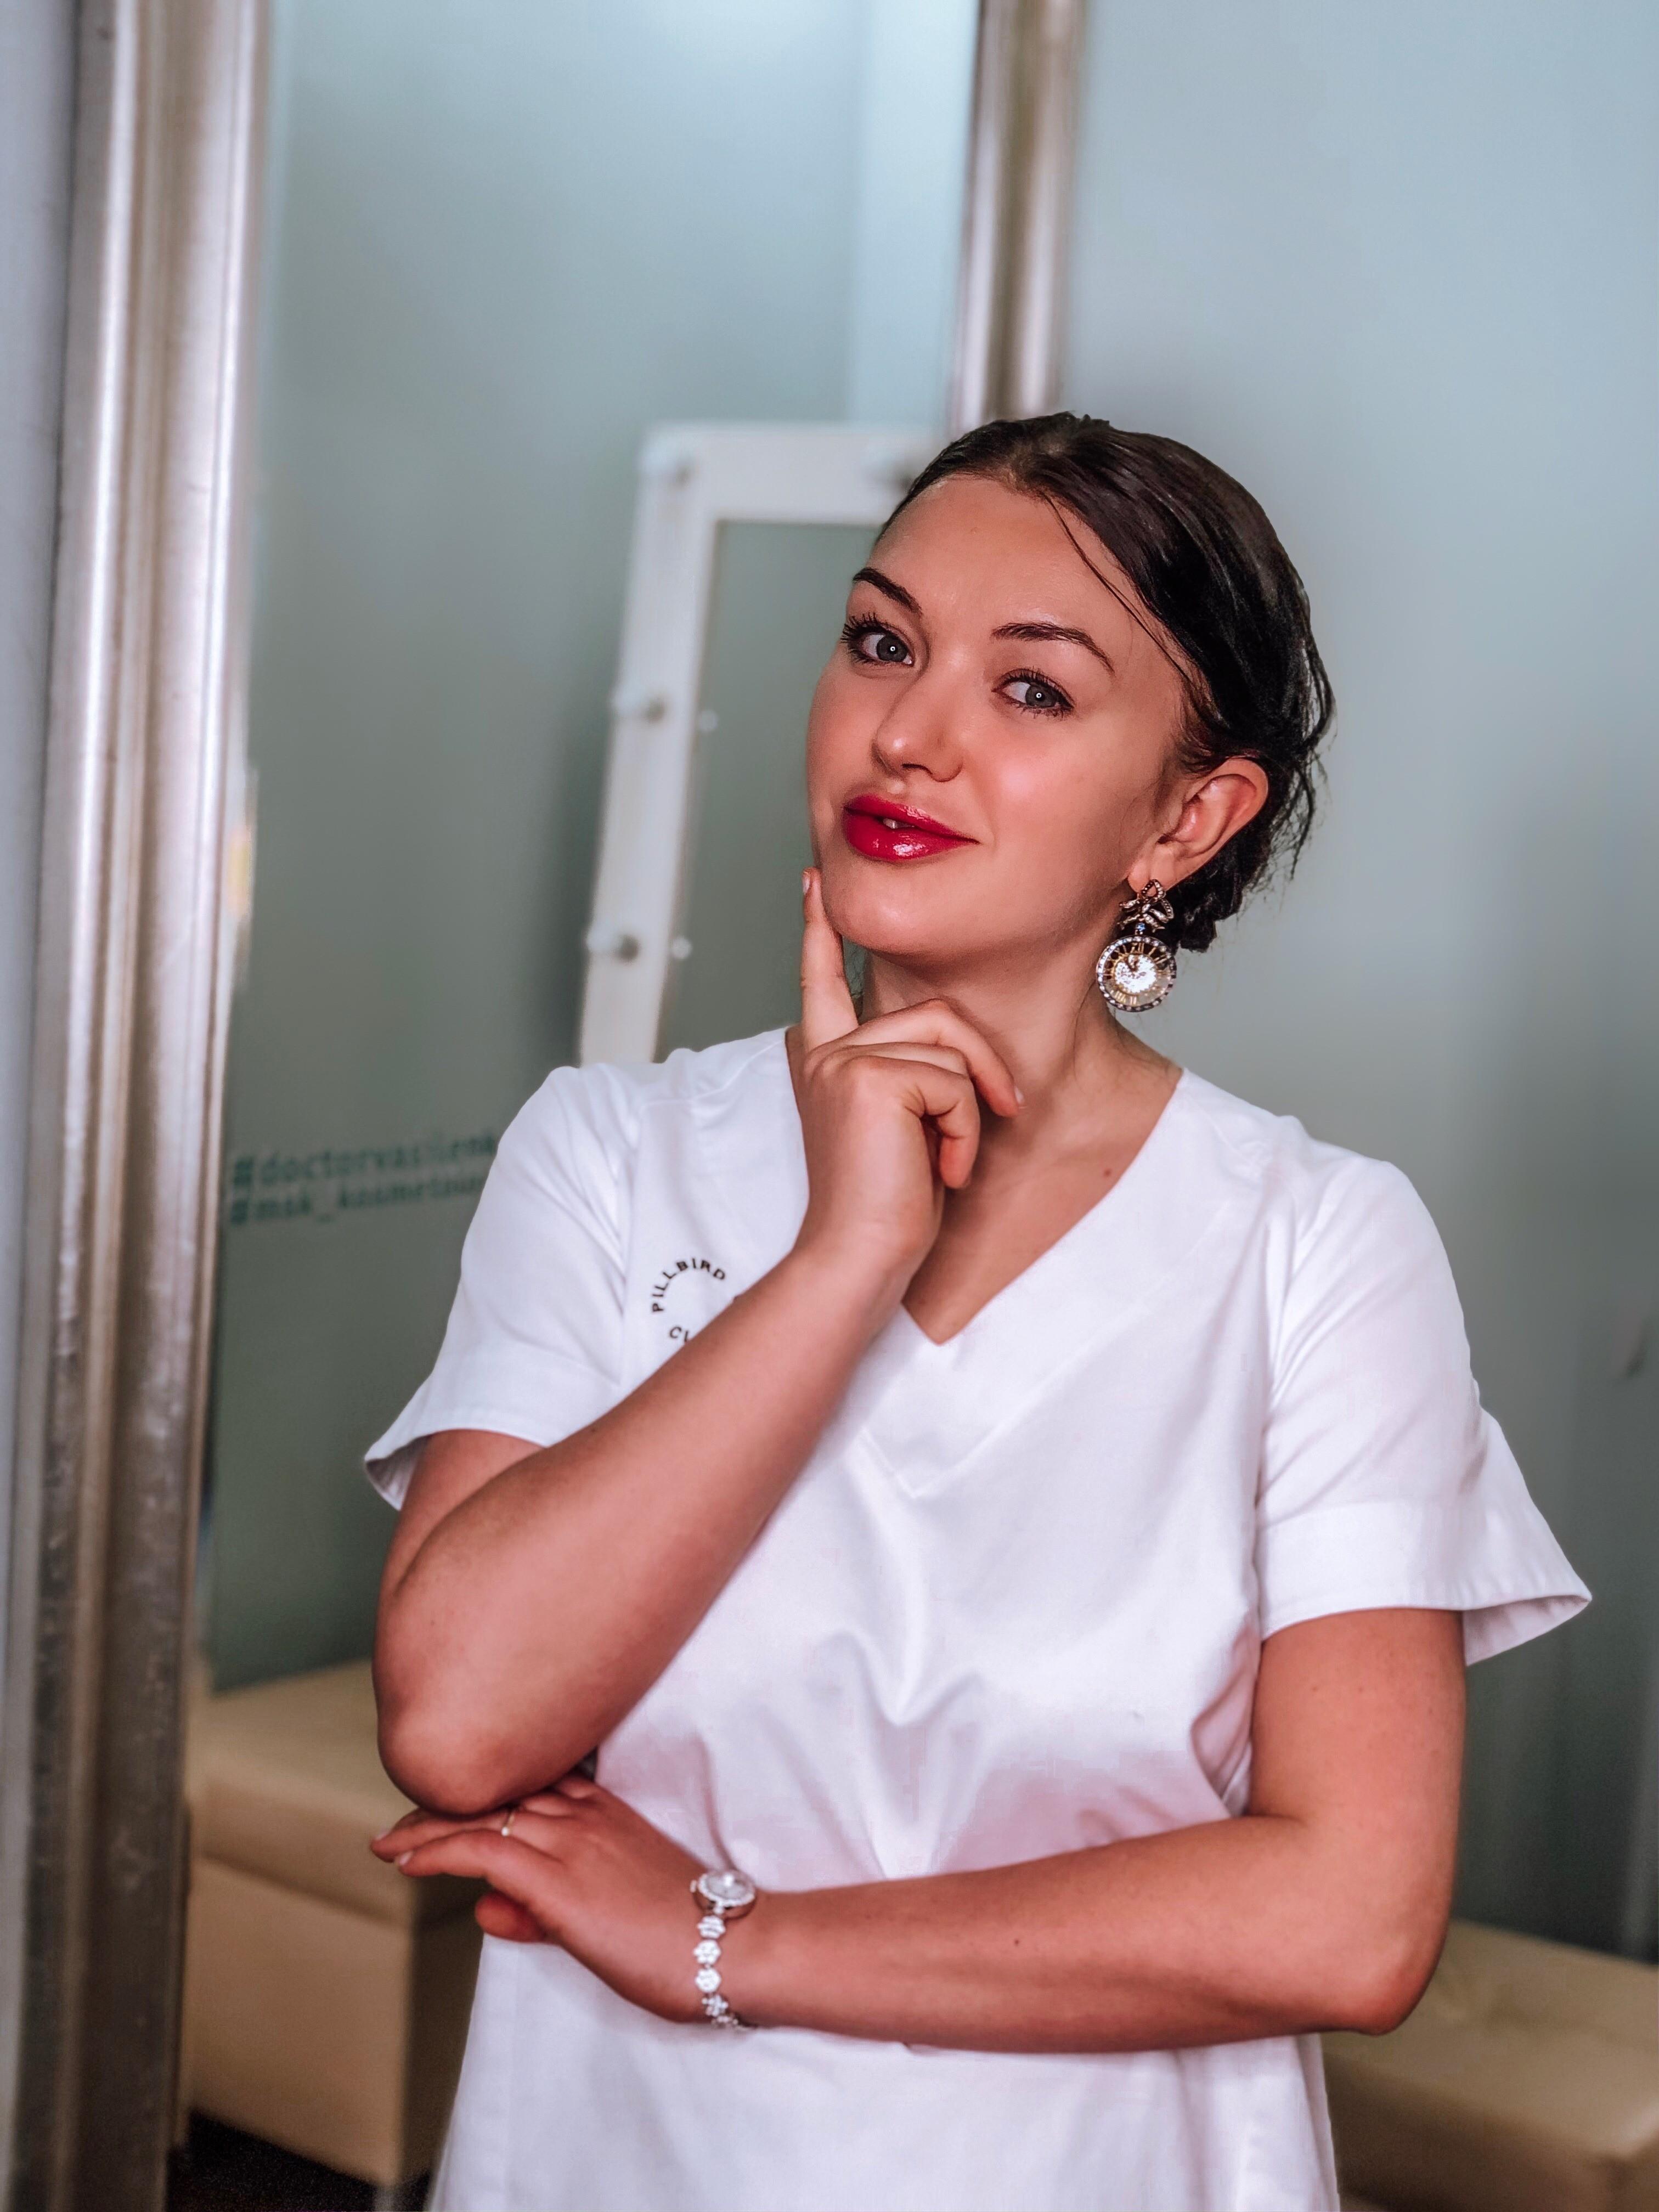 Ирина Василенко, пластический хирург, основатель центра эстетической медицины Dr.Vasilenko